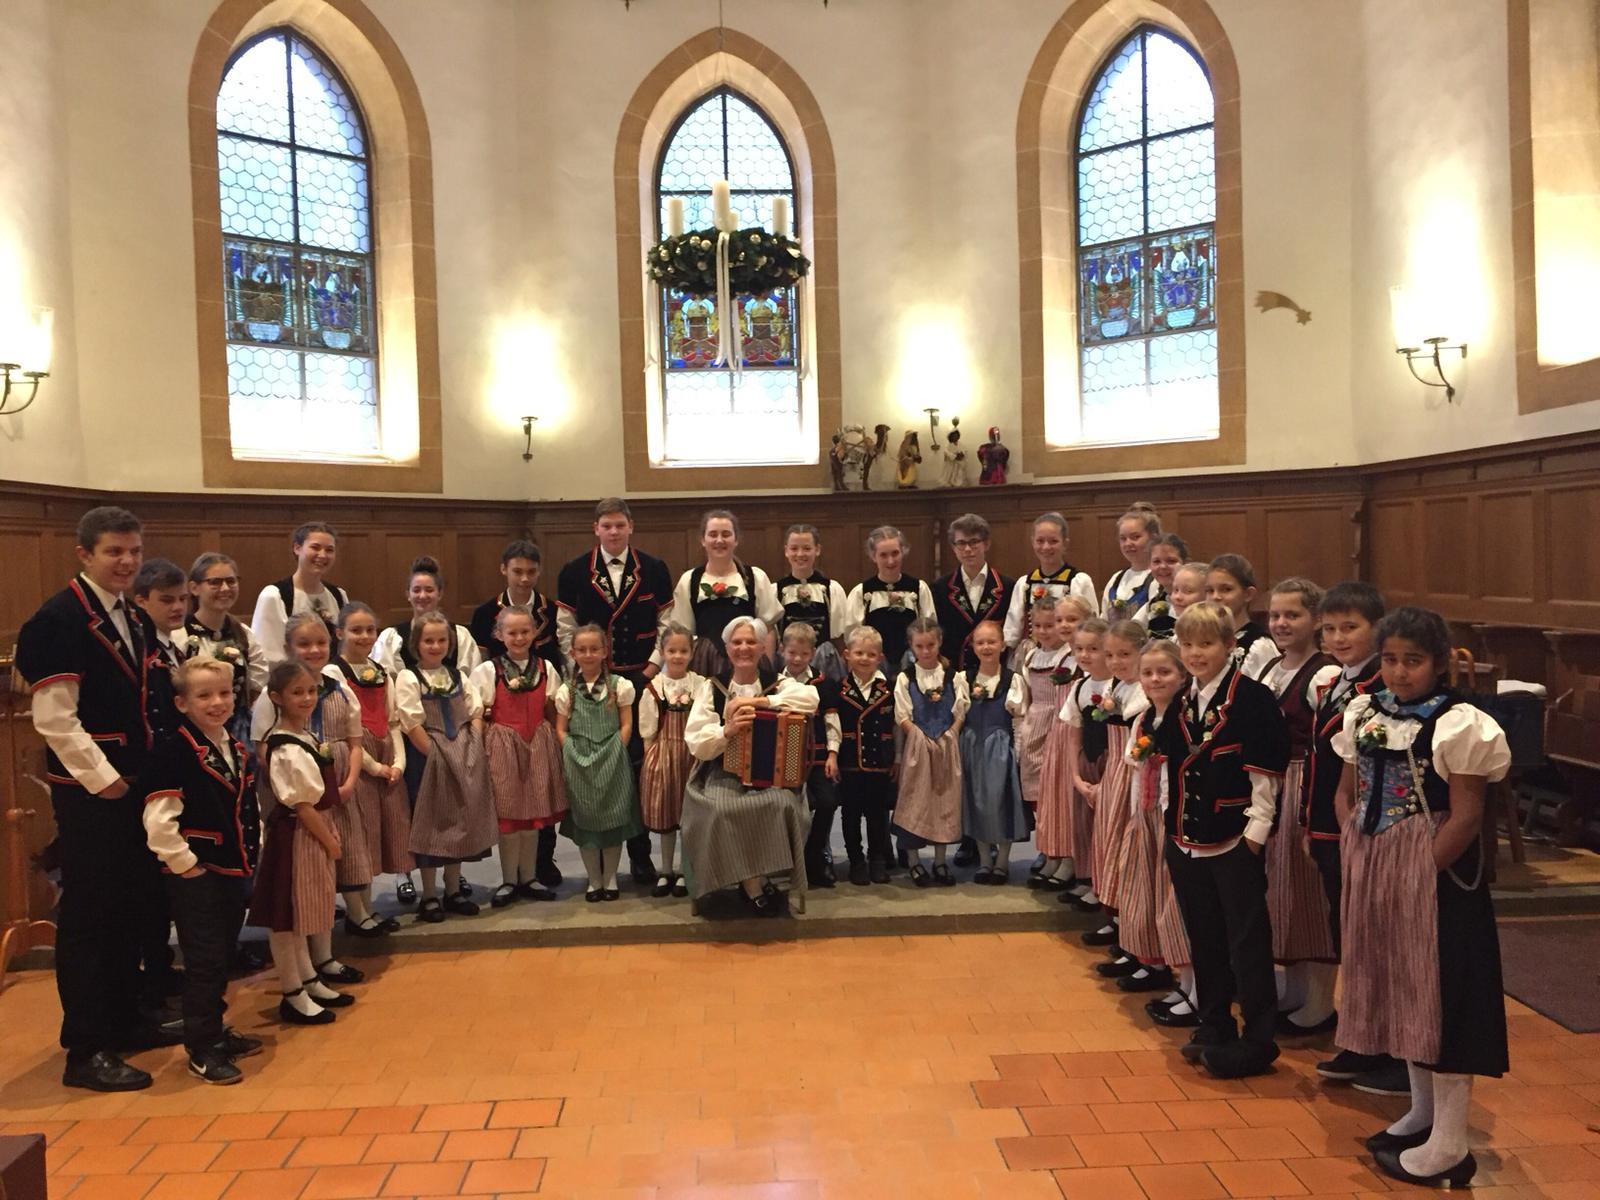 Adventskonzert 2018 in der Kirche Nidau